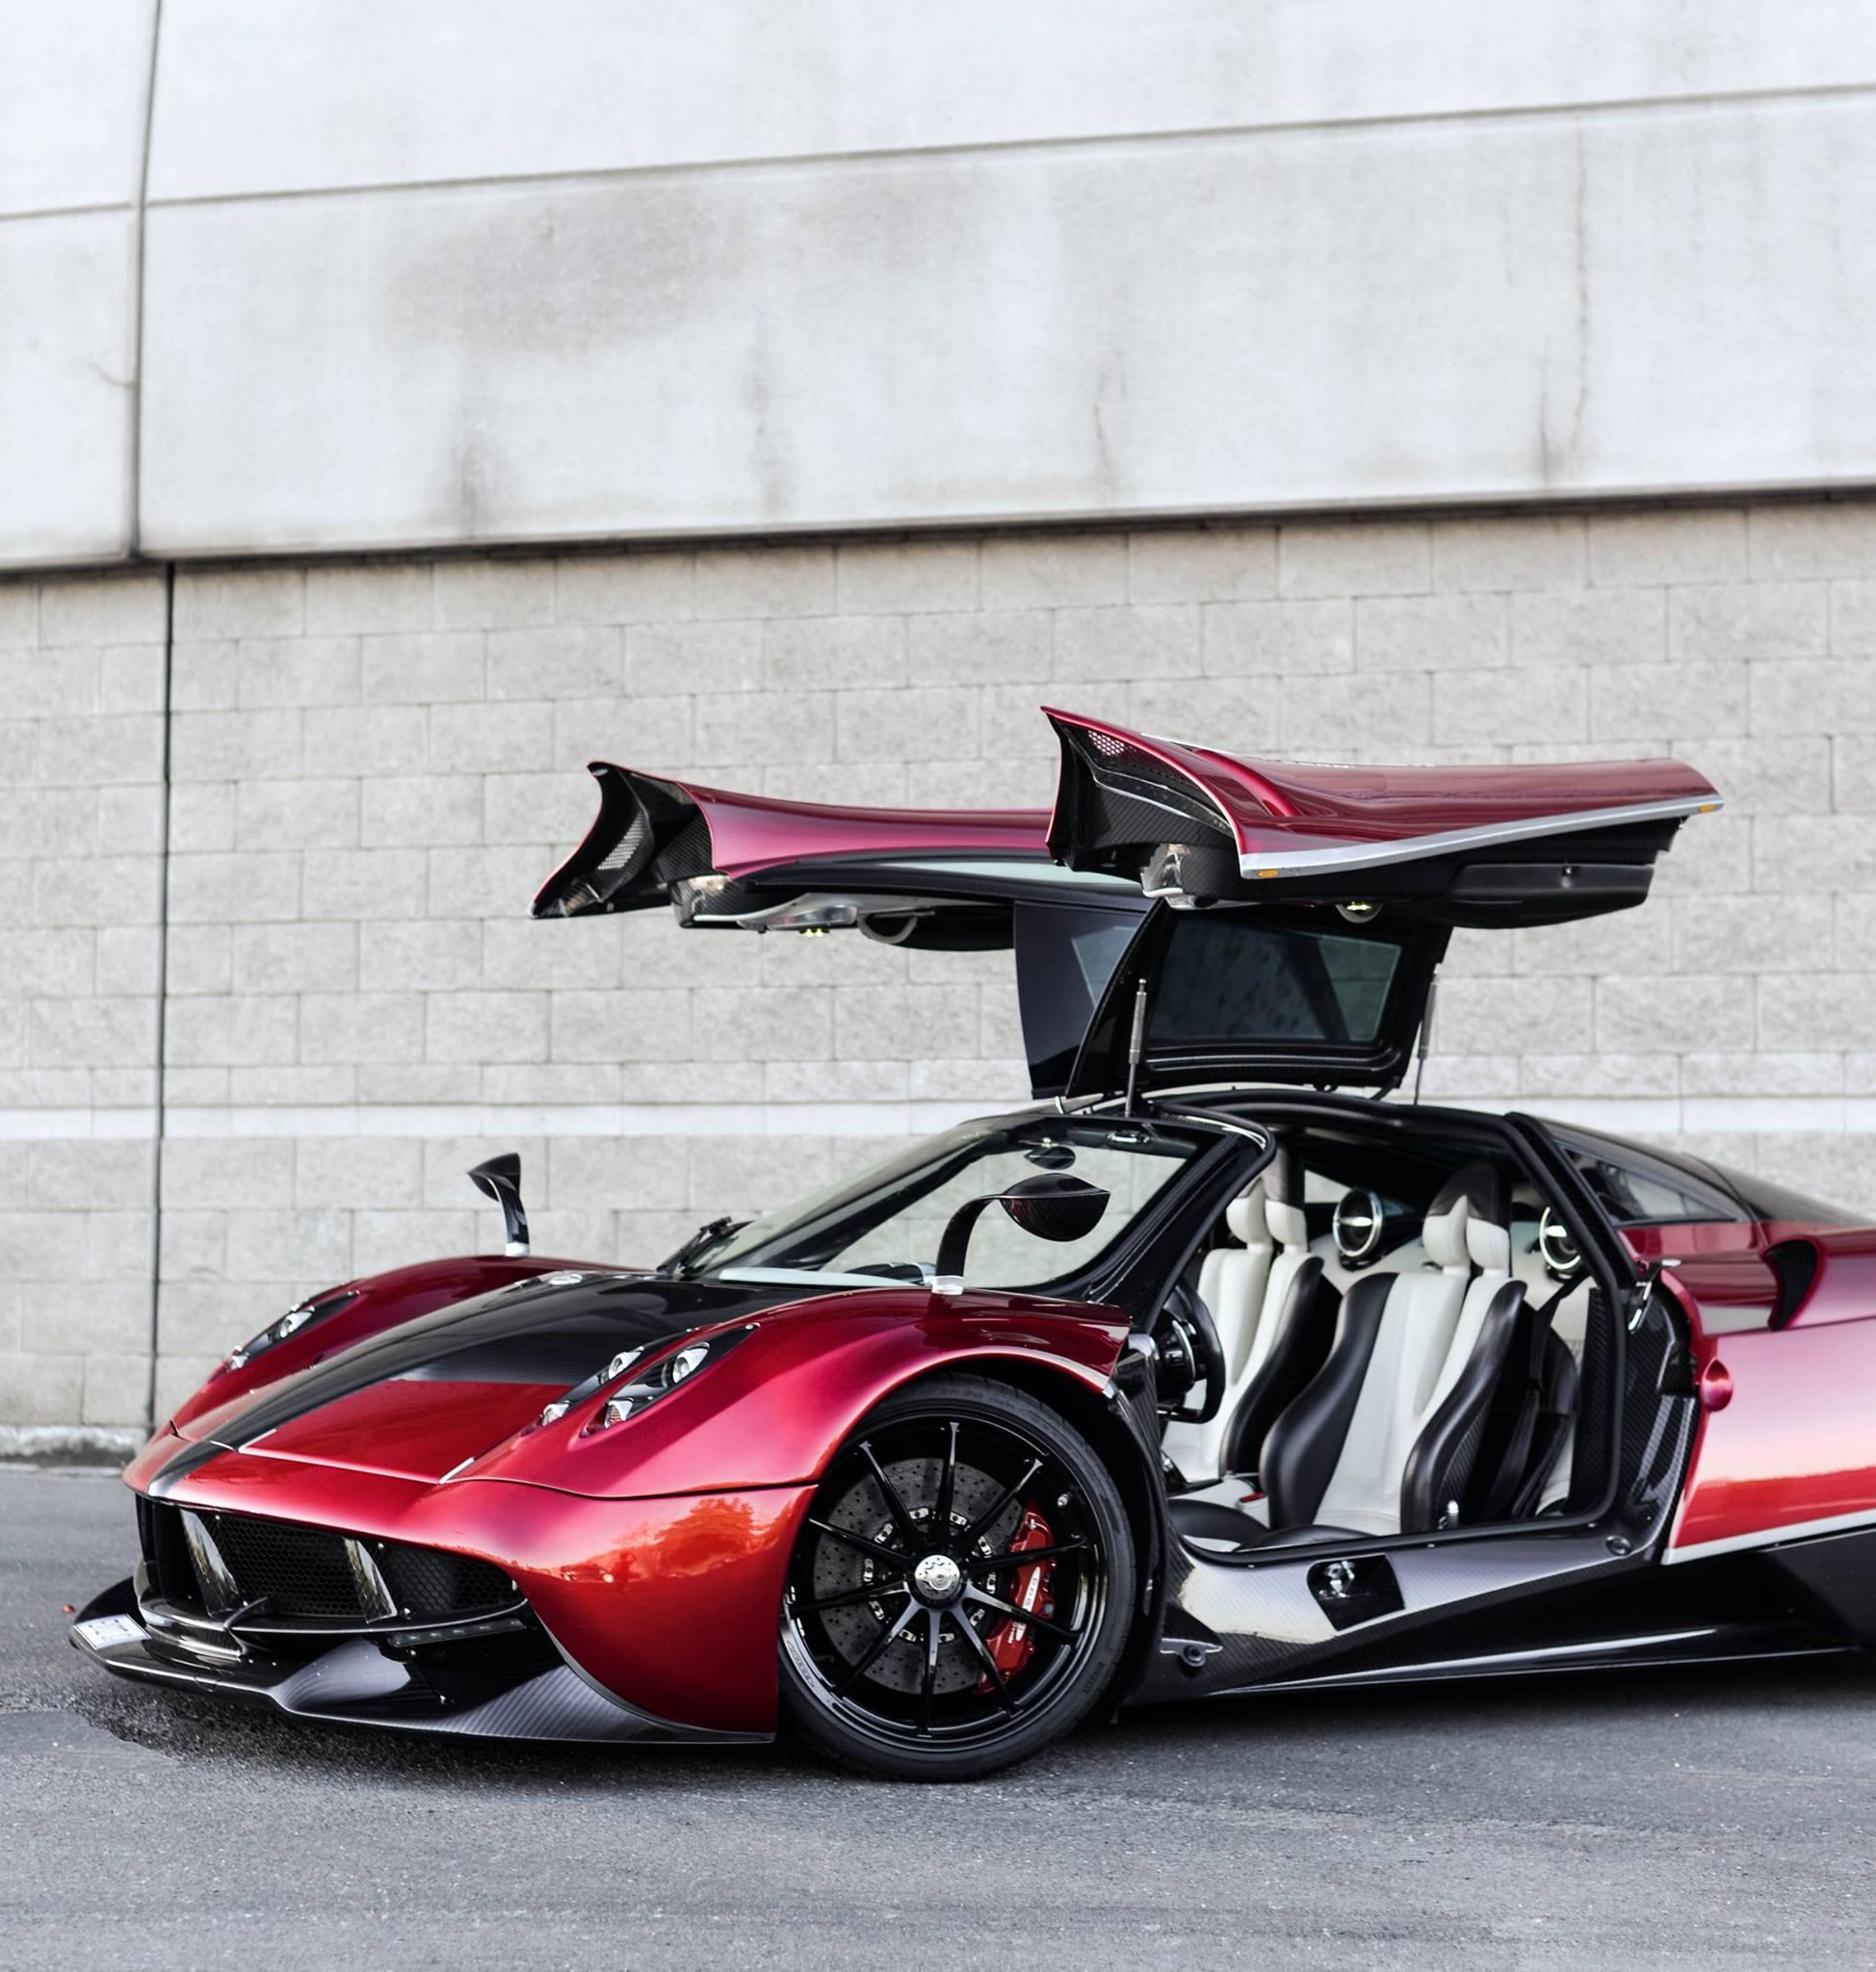 Pagani Huayra Price >> Pagani Huayra Tempesta Package Priced at $181K - GTspirit